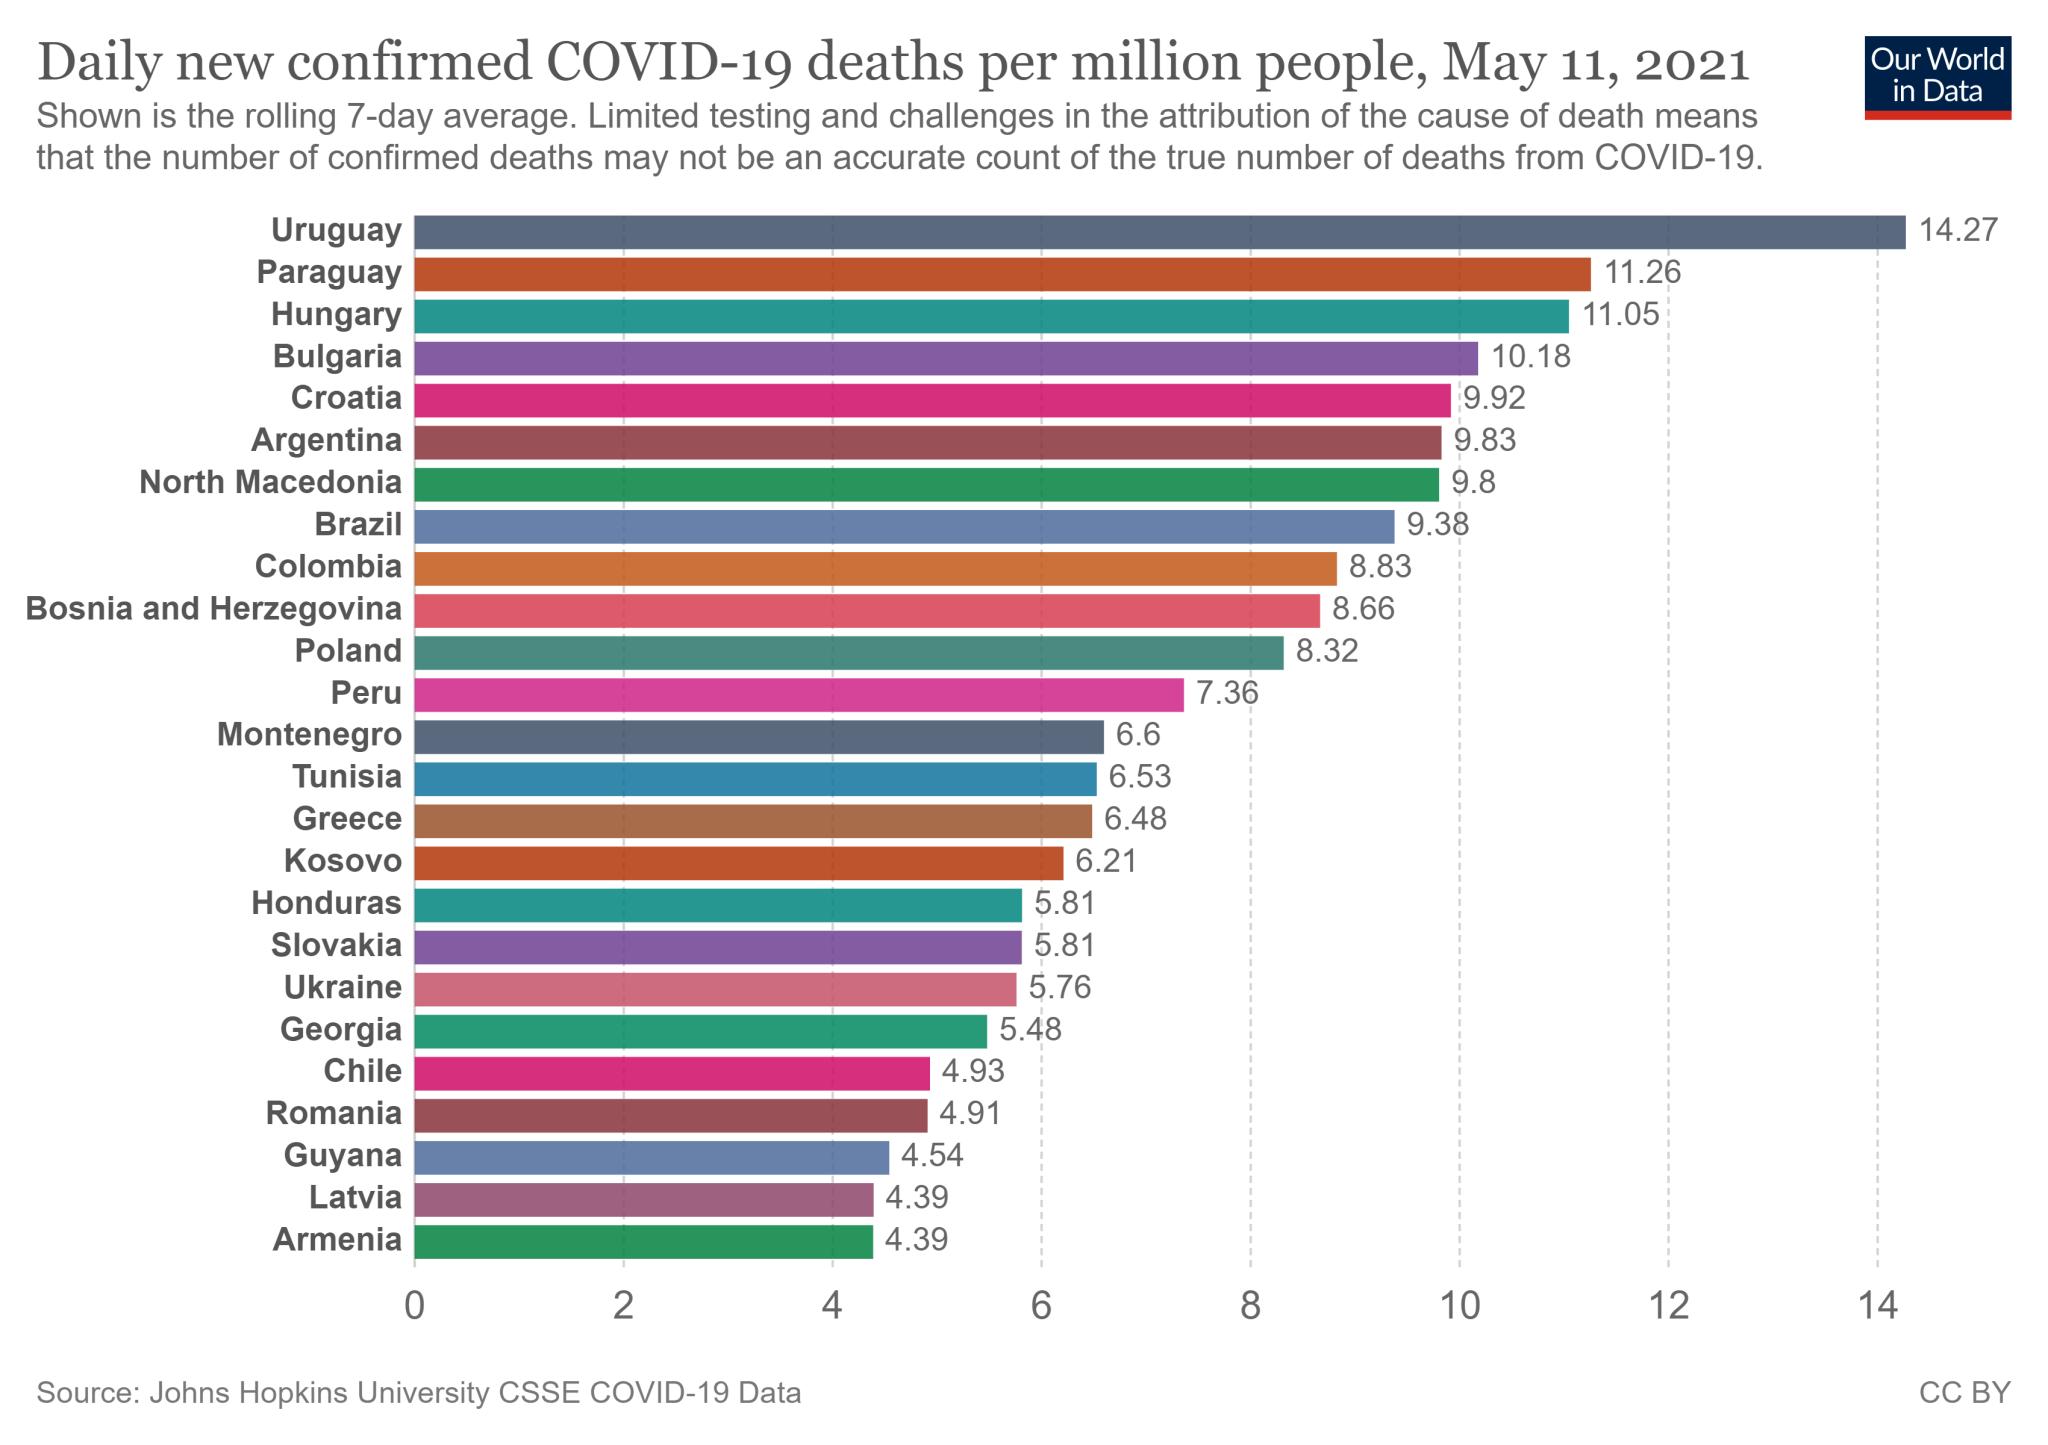 25 państw z najwyższą tygodniową średnią liczbą zgonów na COVID-19 na milion mieszkańców - stan na 11 maja 2021